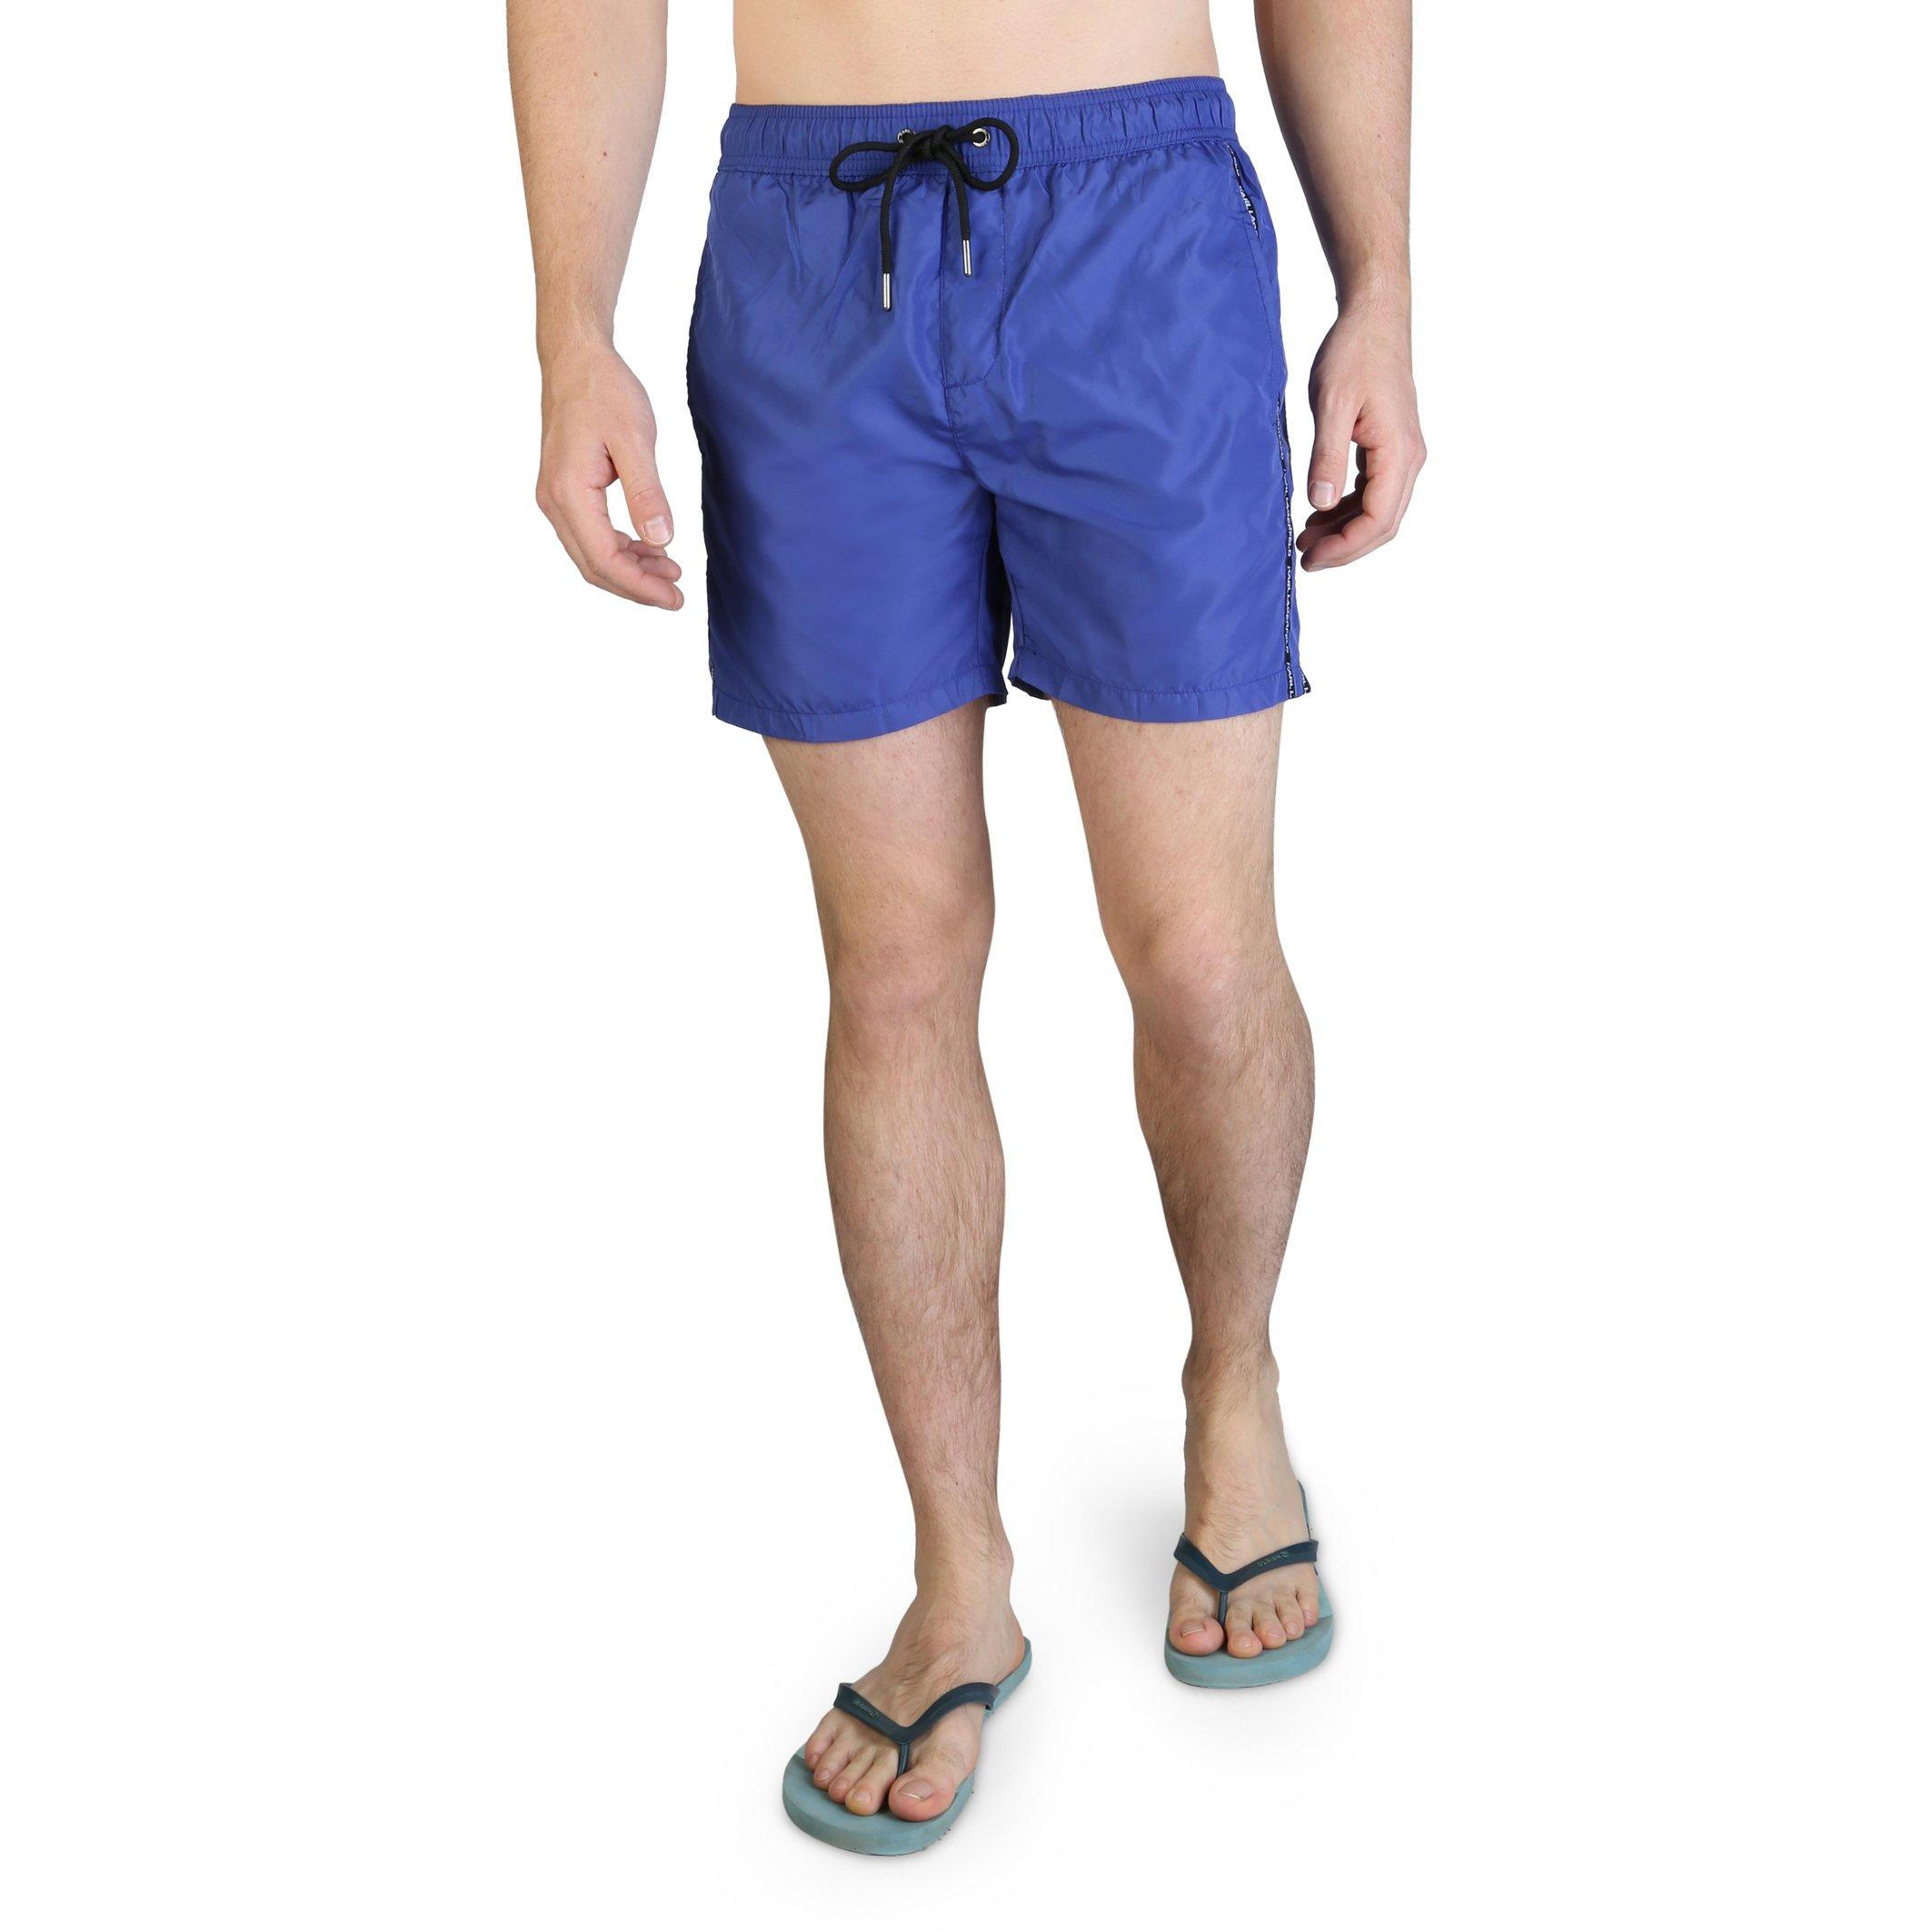 Karl Lagerfeld Men's Swimwear Various Colours KL21MBM03 - blue S